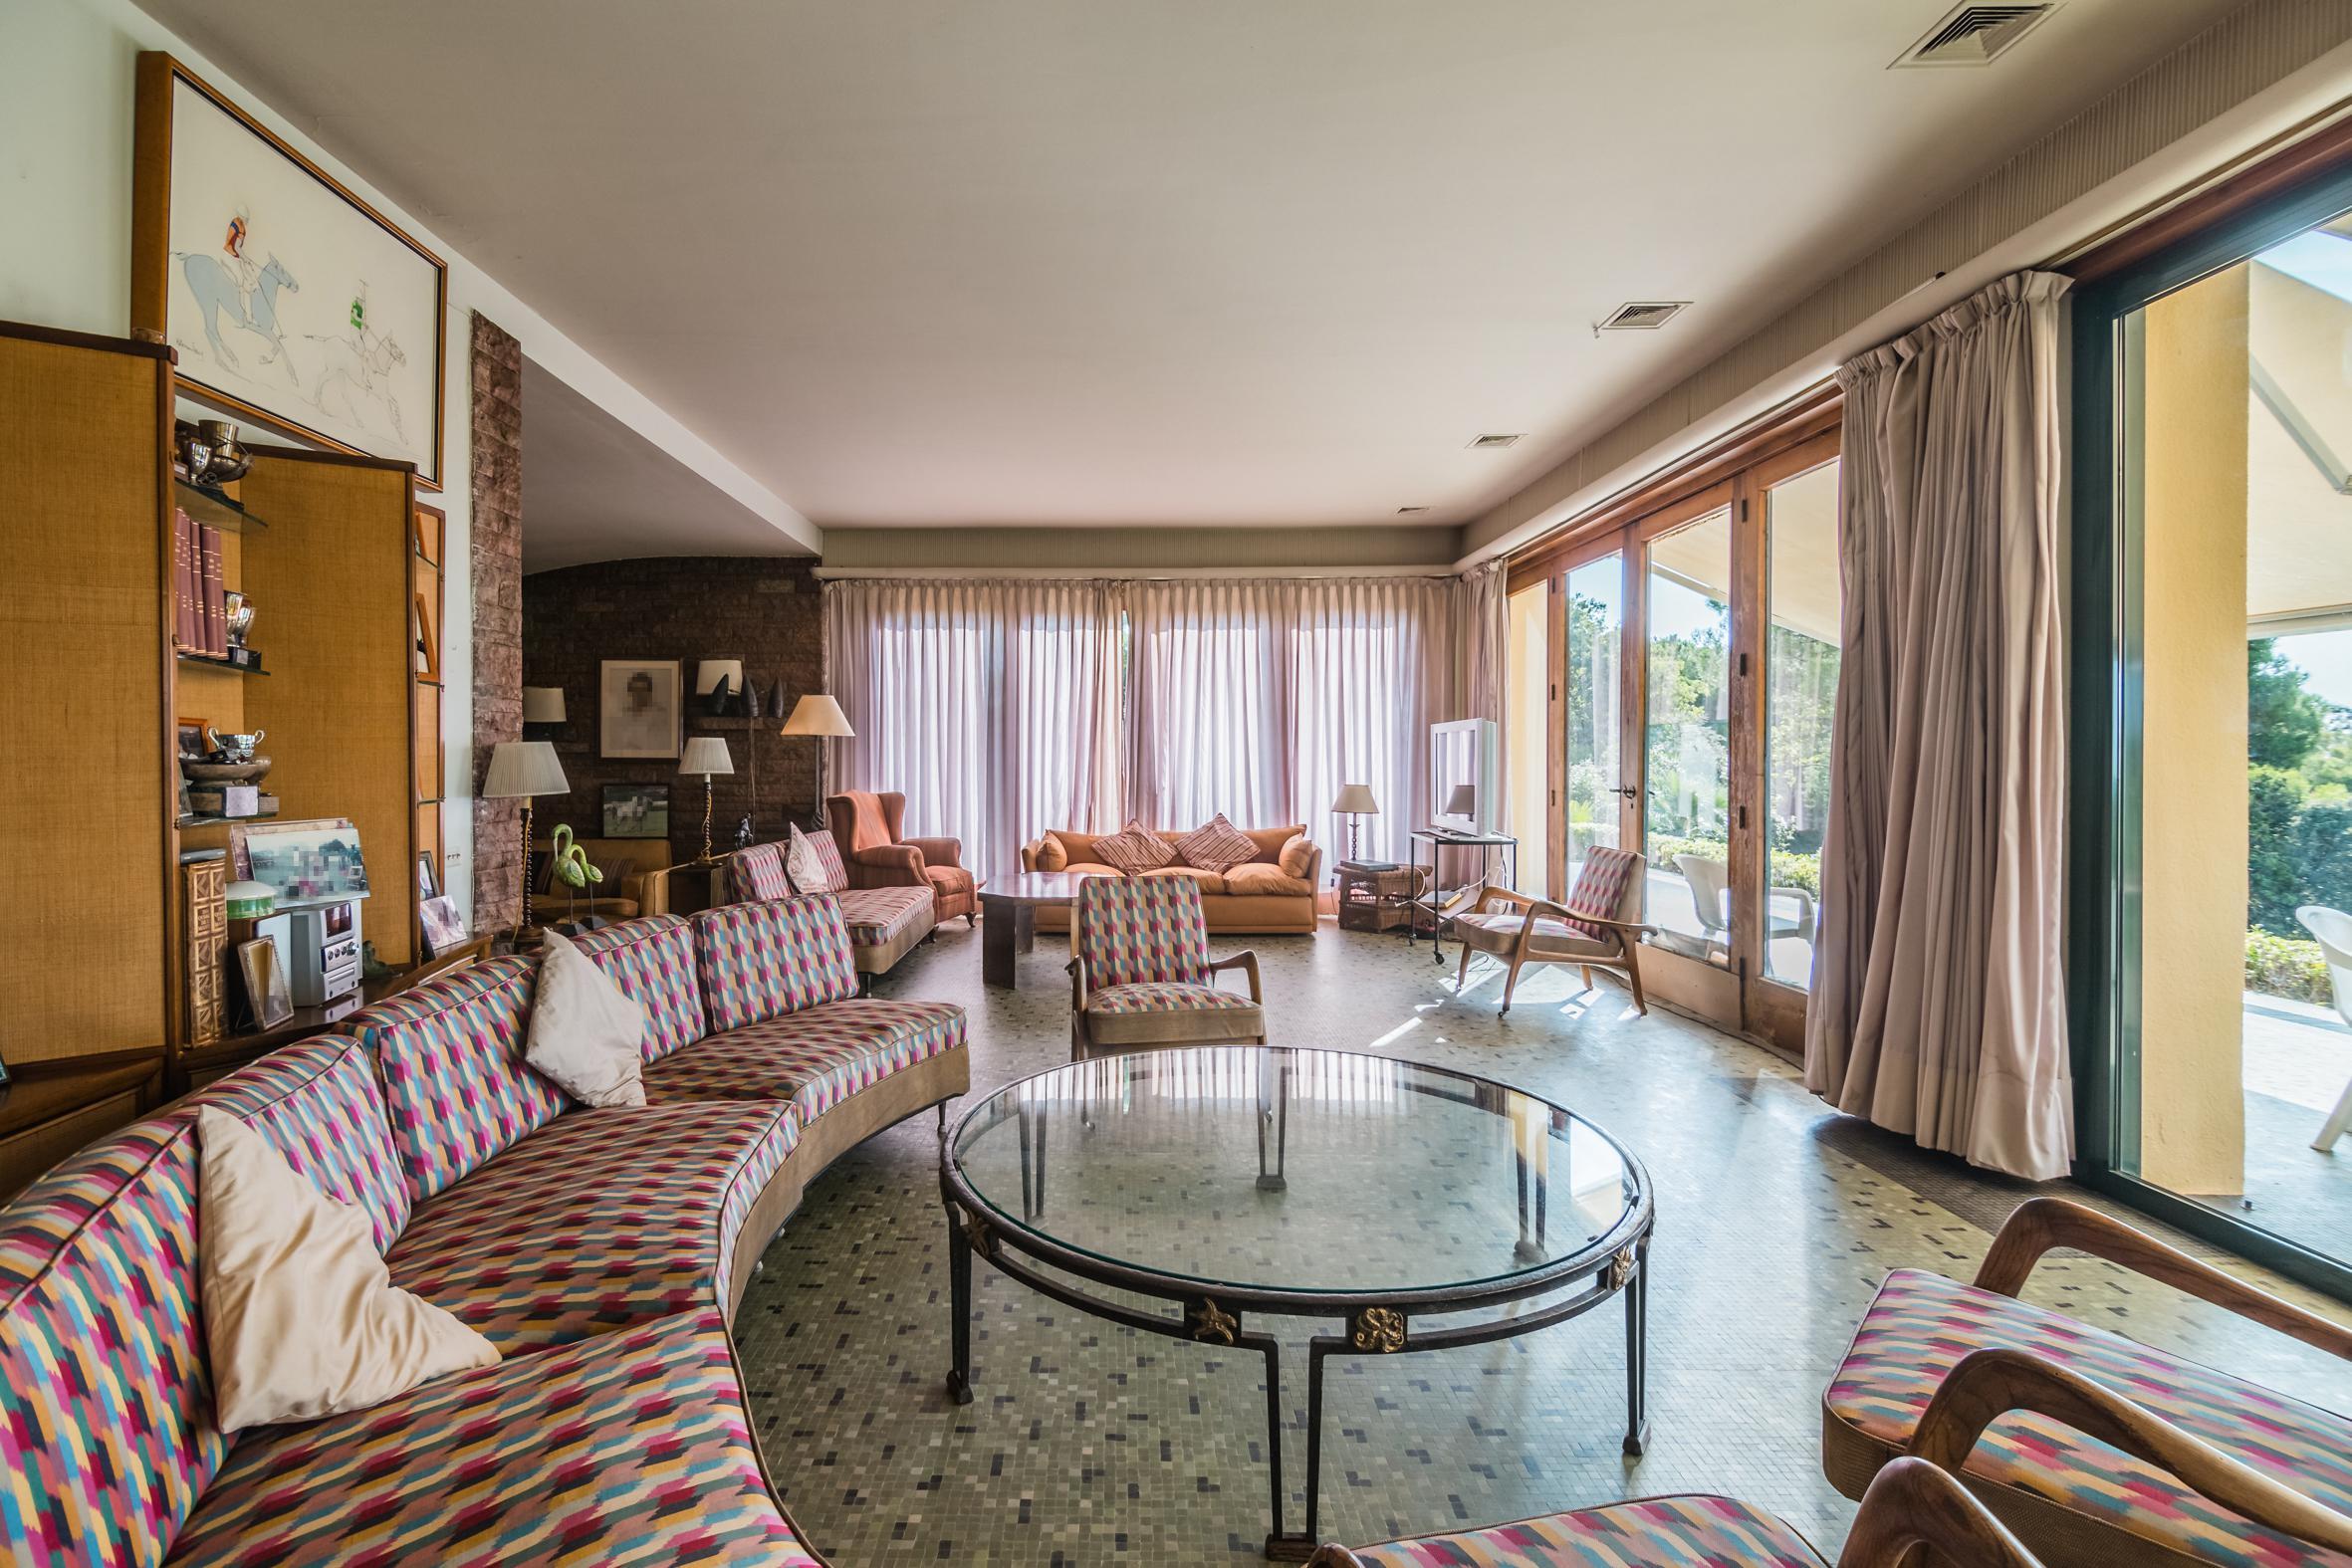 213533 Casa en venta en Sant Andreu de Llavaneres 8